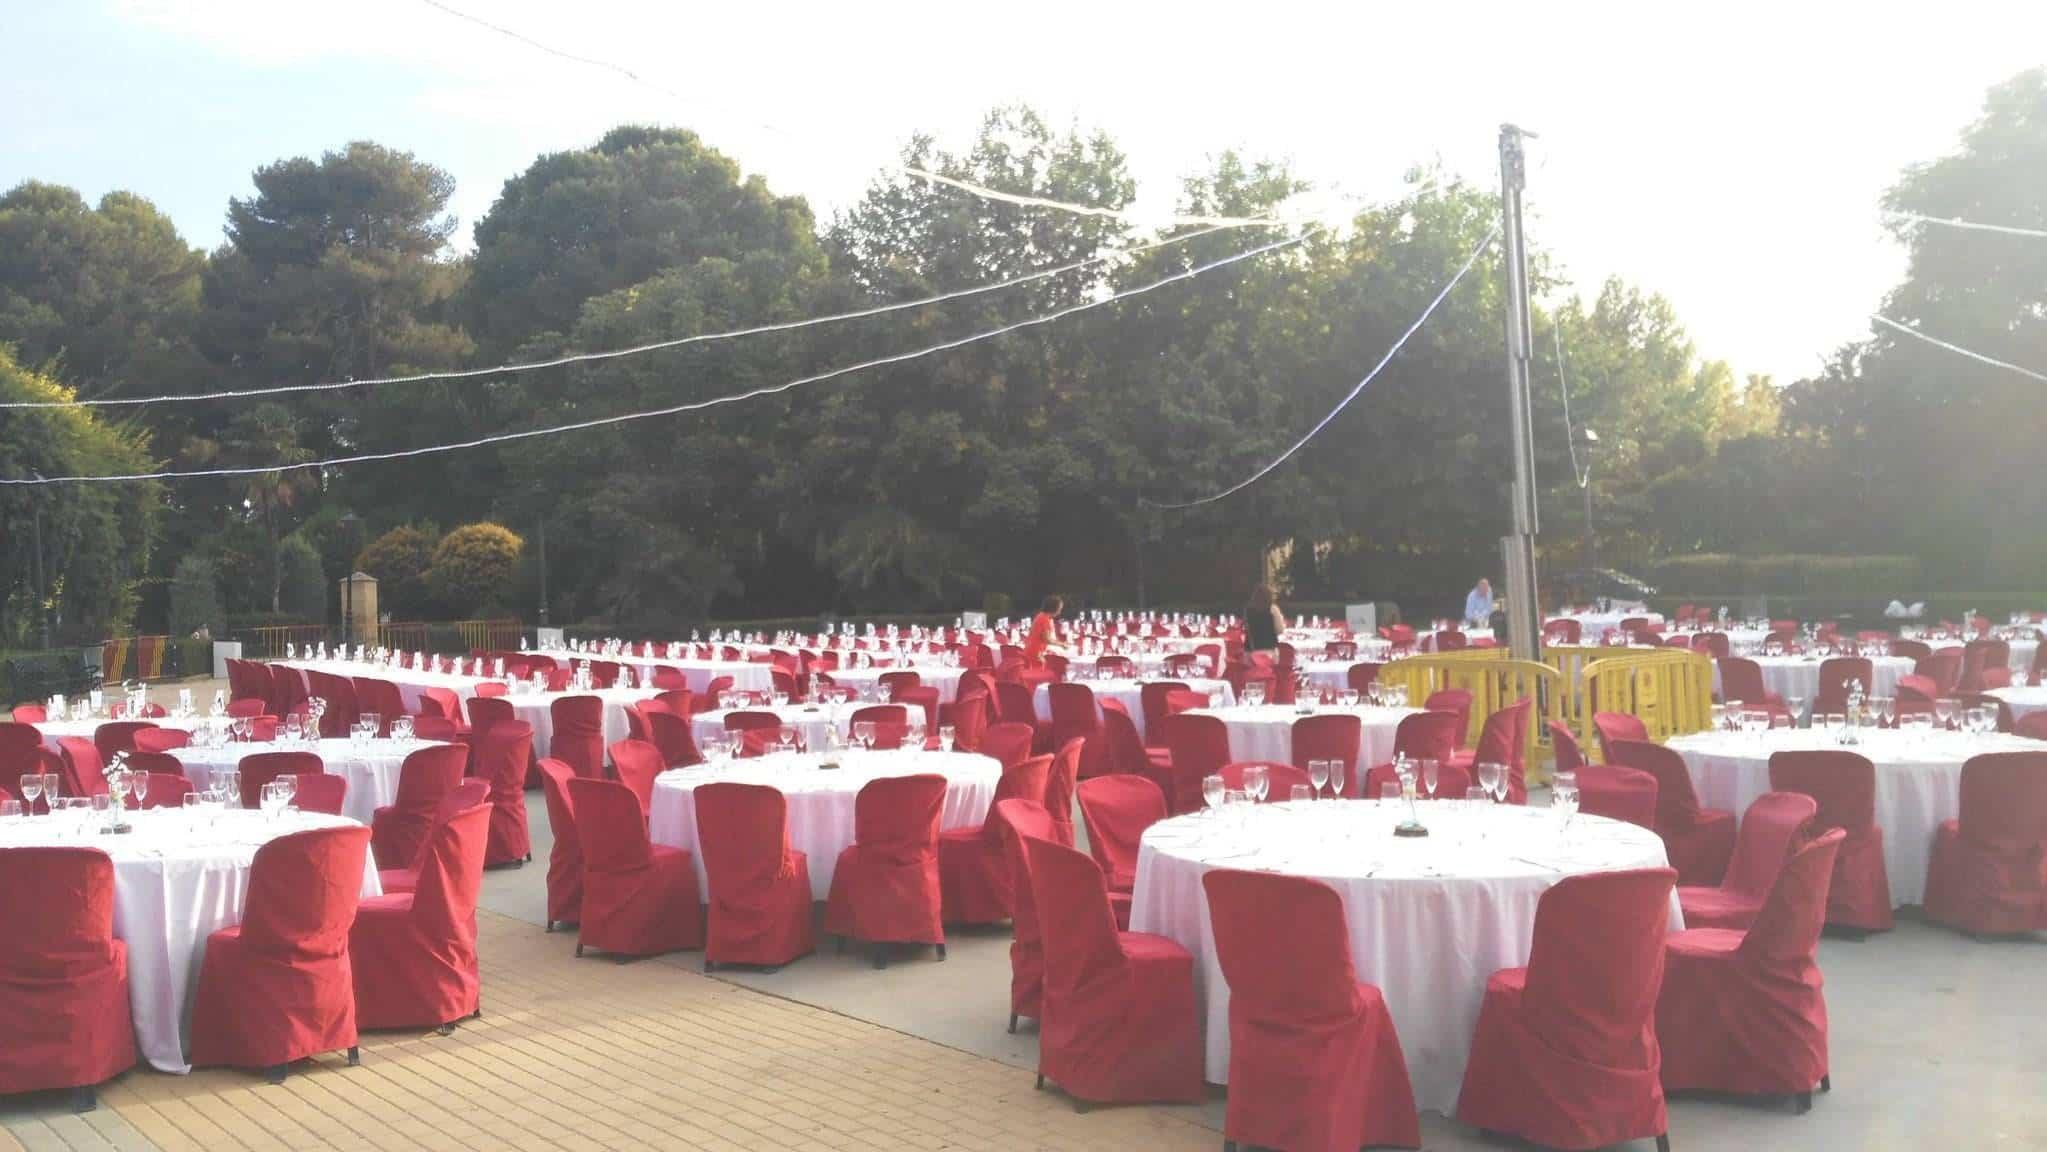 cena de gala herencia mayores - Todo listo para la II Cena de Gala co motivo del Día de los Abuelos